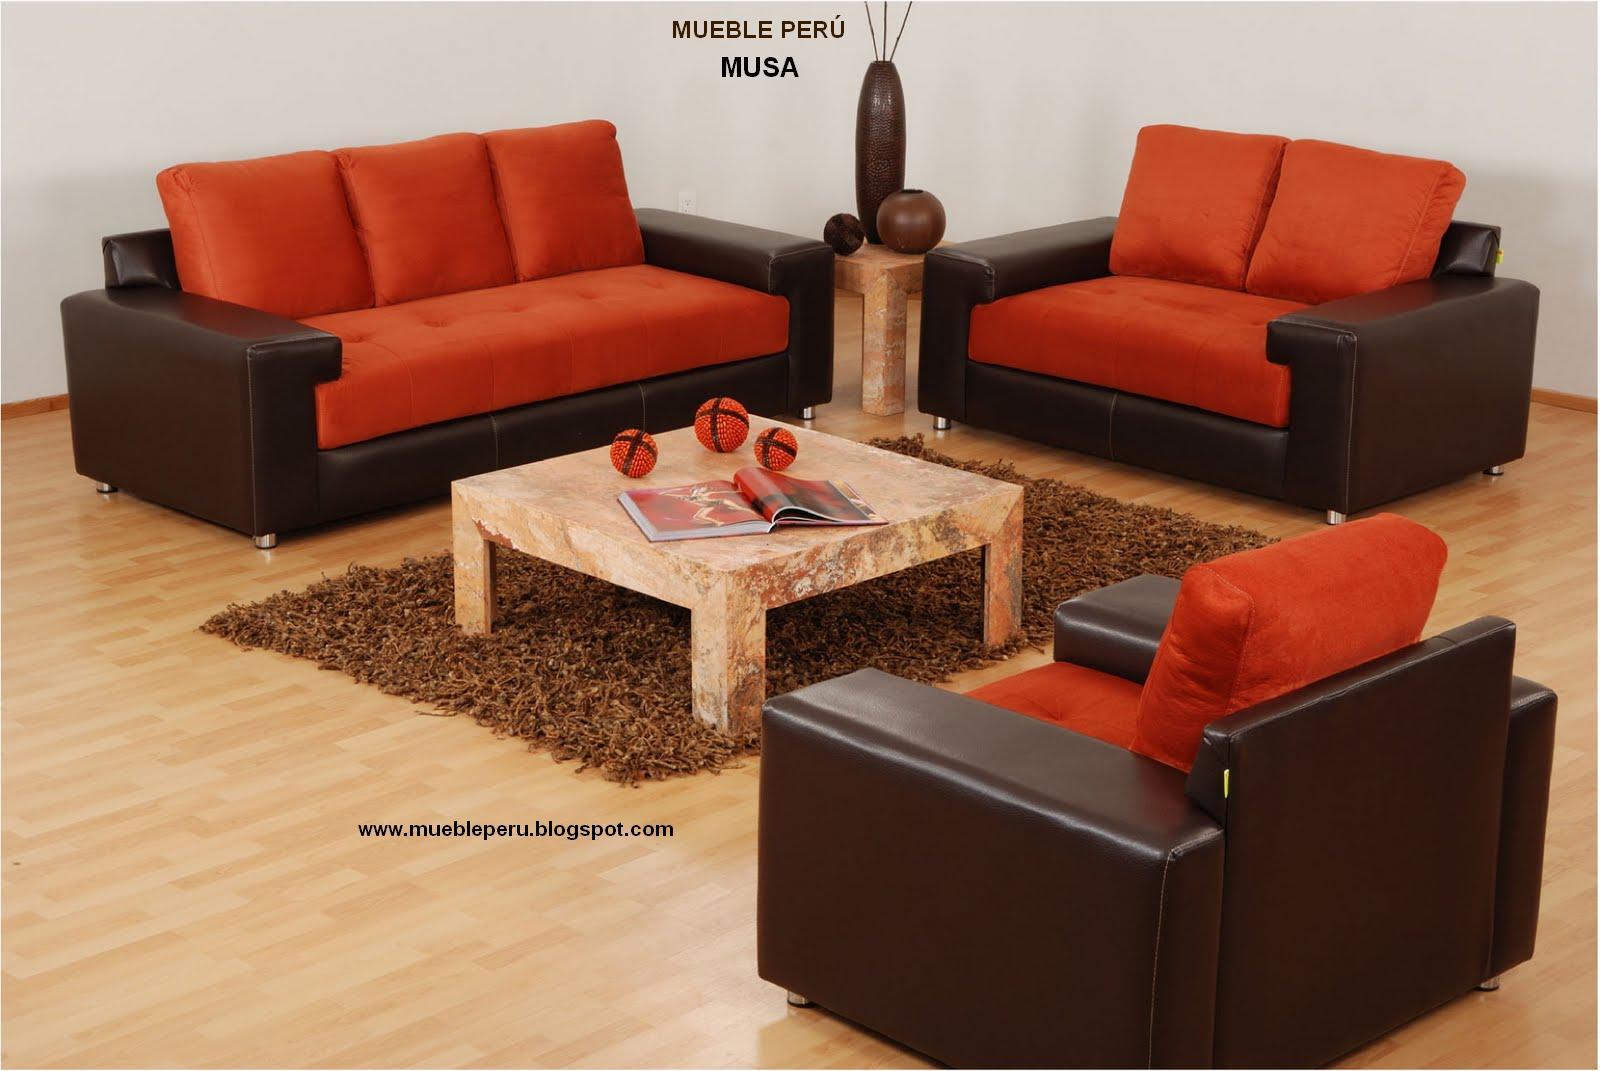 Muebles pegaso muebles en microfibra variedades for Muebles estilo italiano